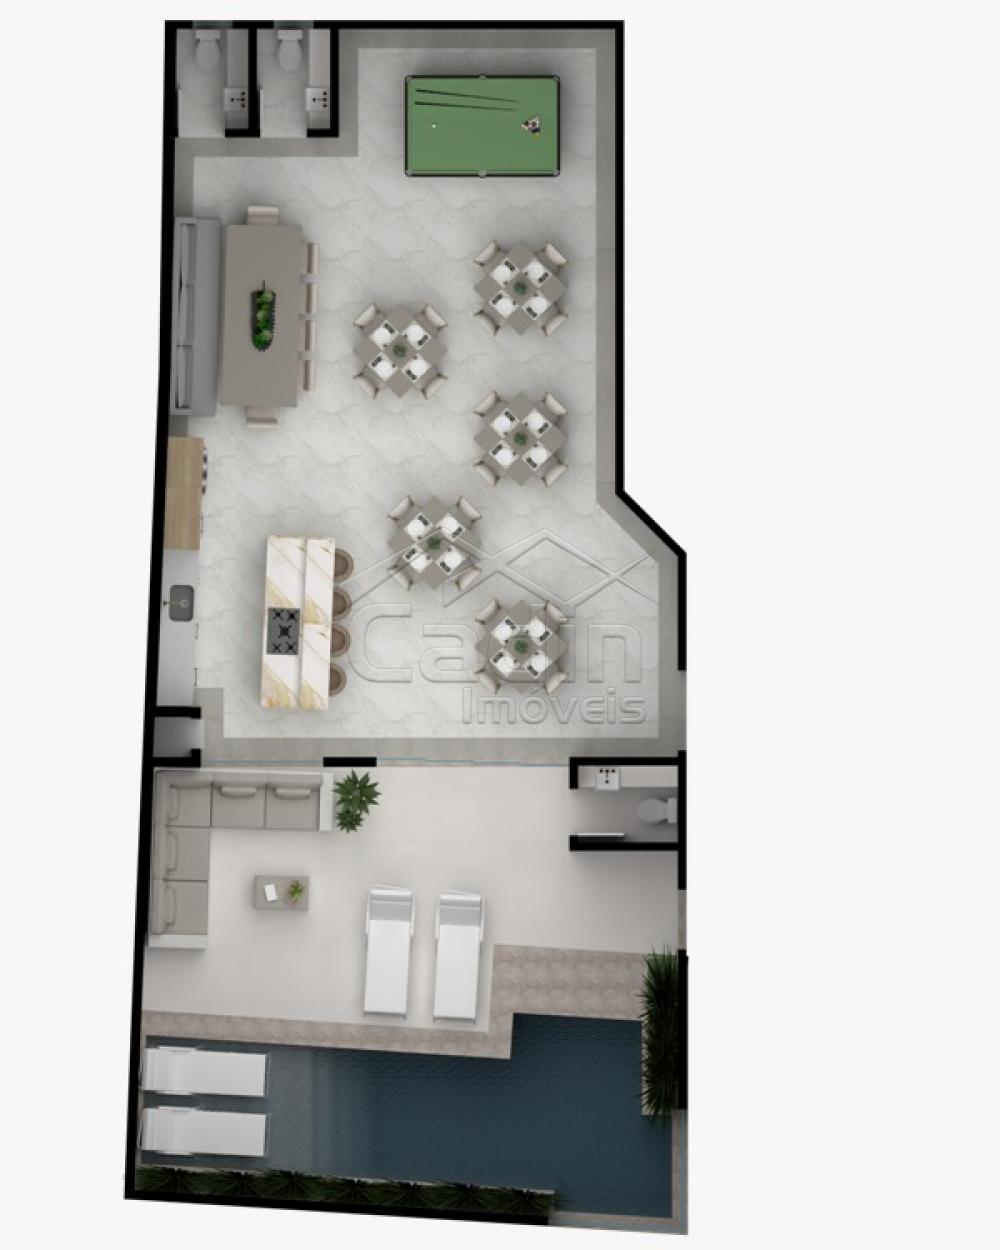 Comprar Apartamento / Padrão em Navegantes R$ 404.000,00 - Foto 2